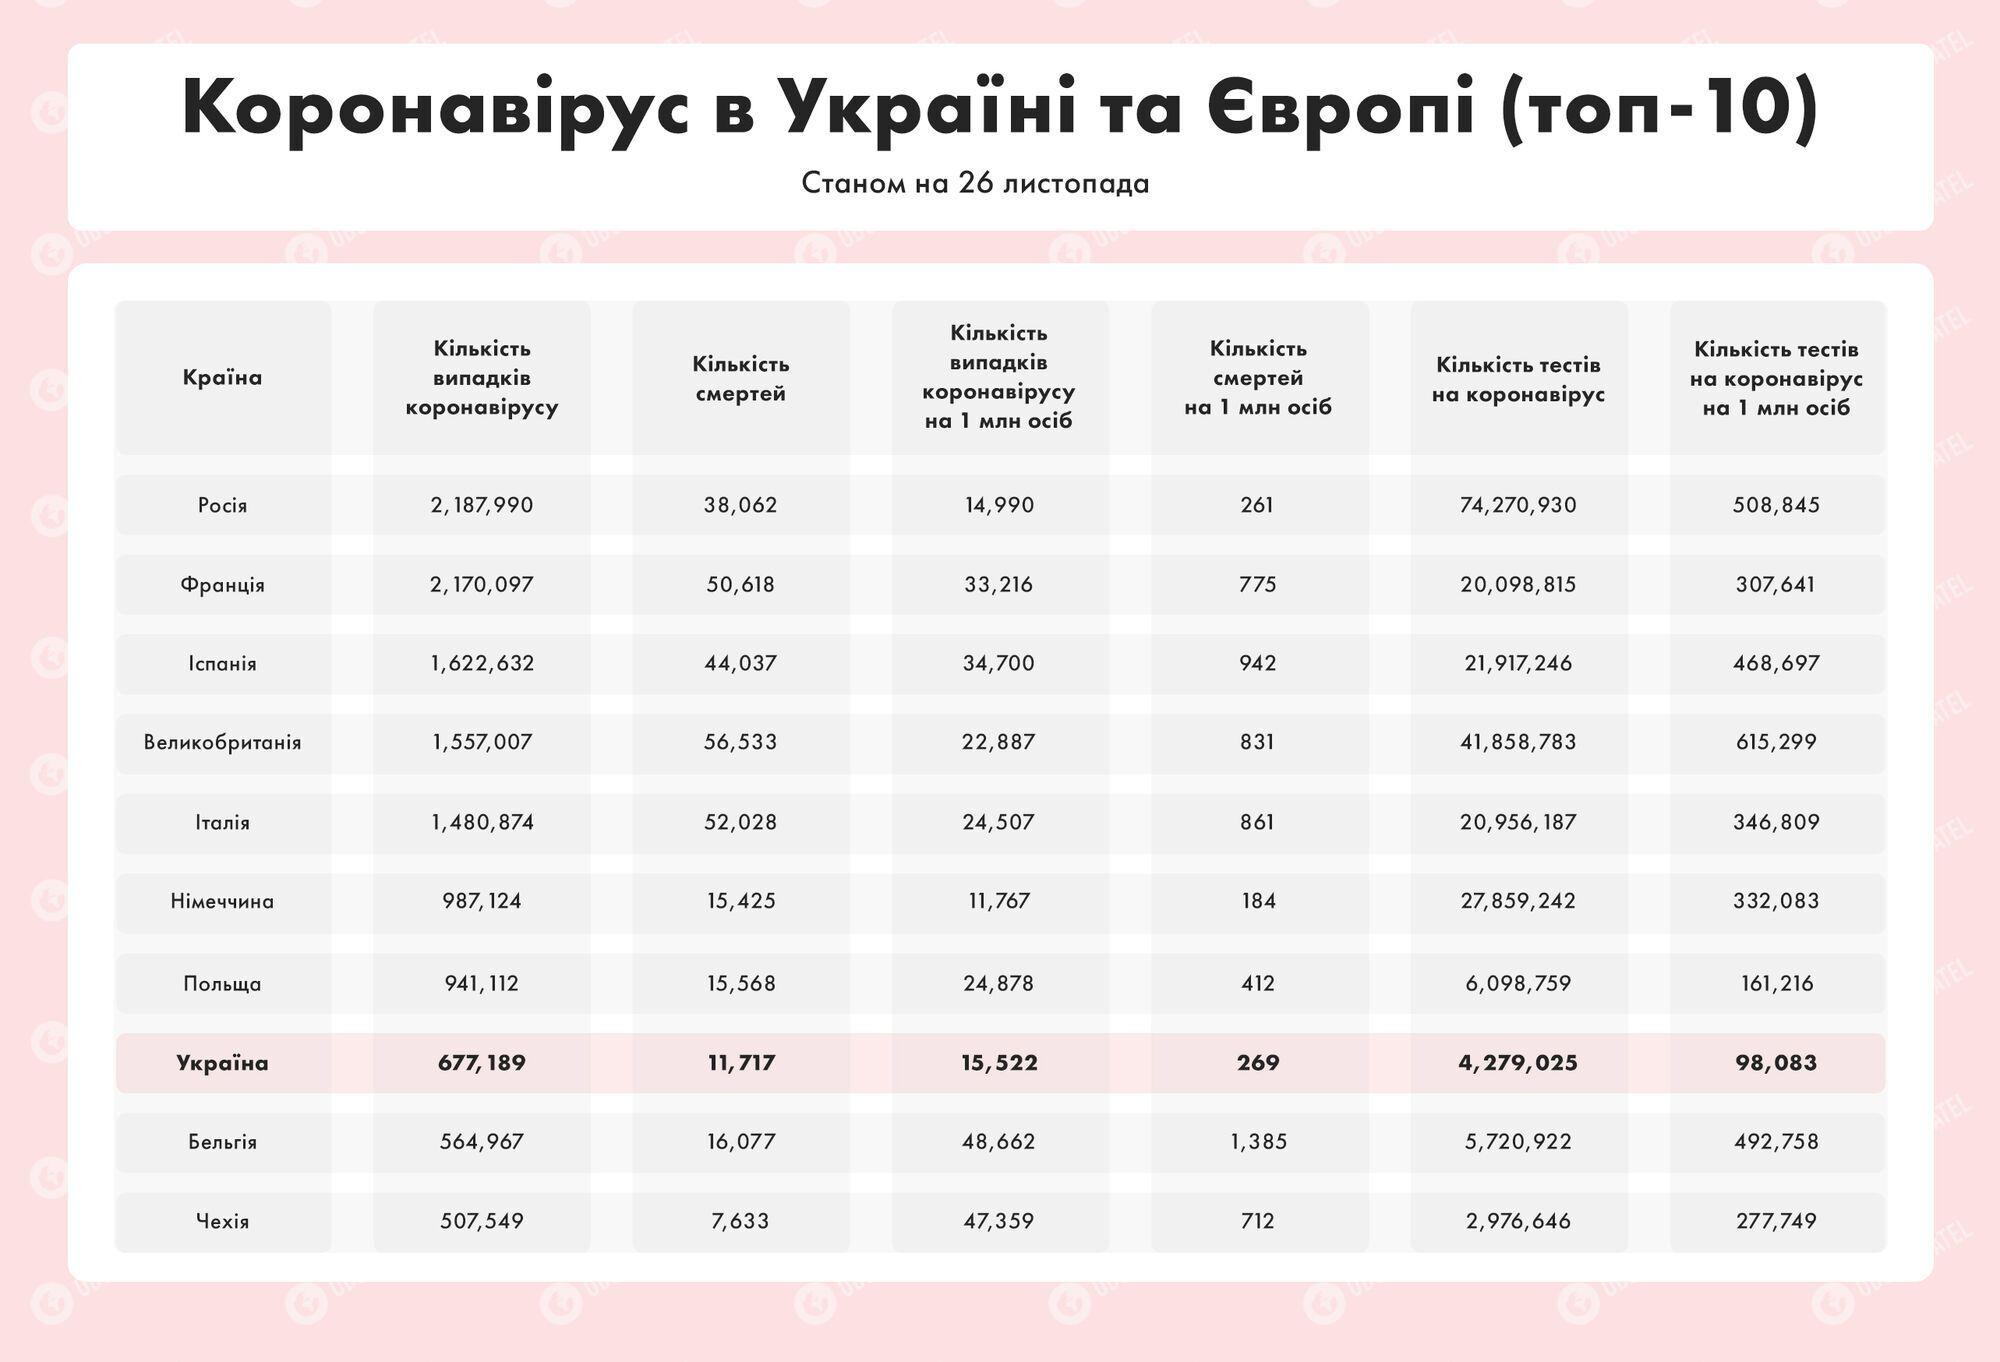 Коронавирус в Украине и Европе: где наихудшая ситуация